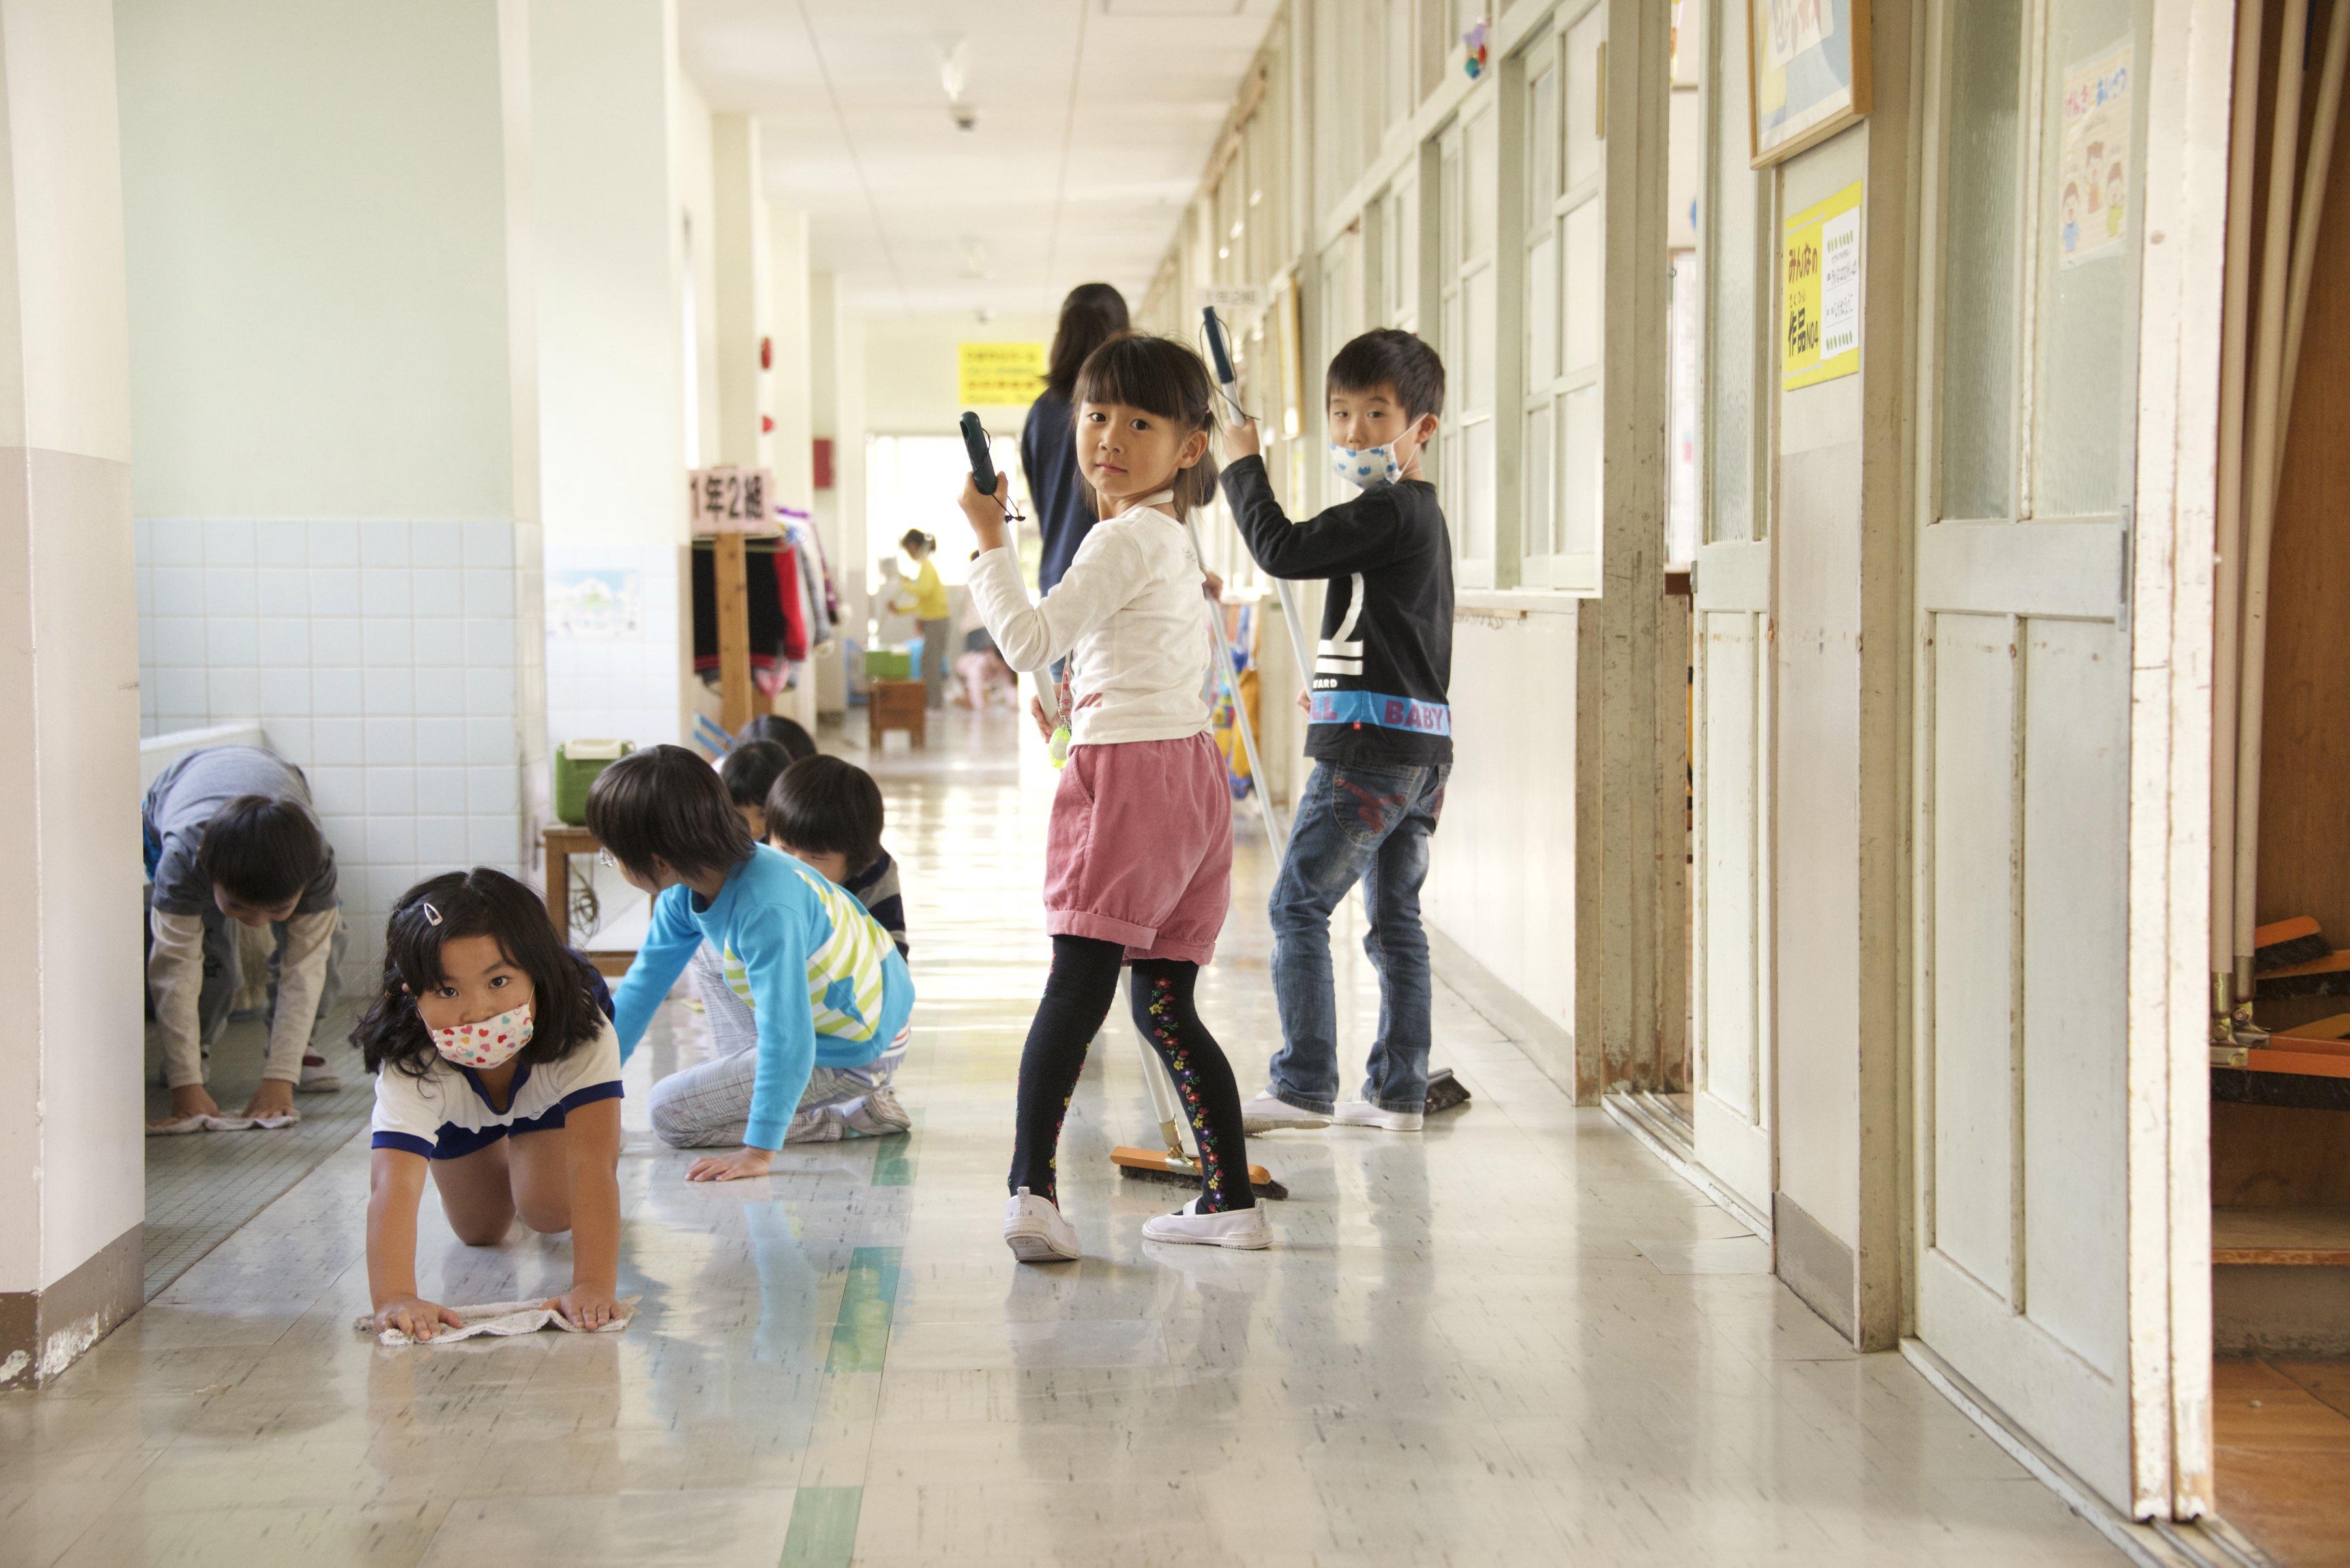 Alunos da escola primária limpando os corredores da escola, em Okazaki (Marcelo Hide/Fotos Públicas - 2015)